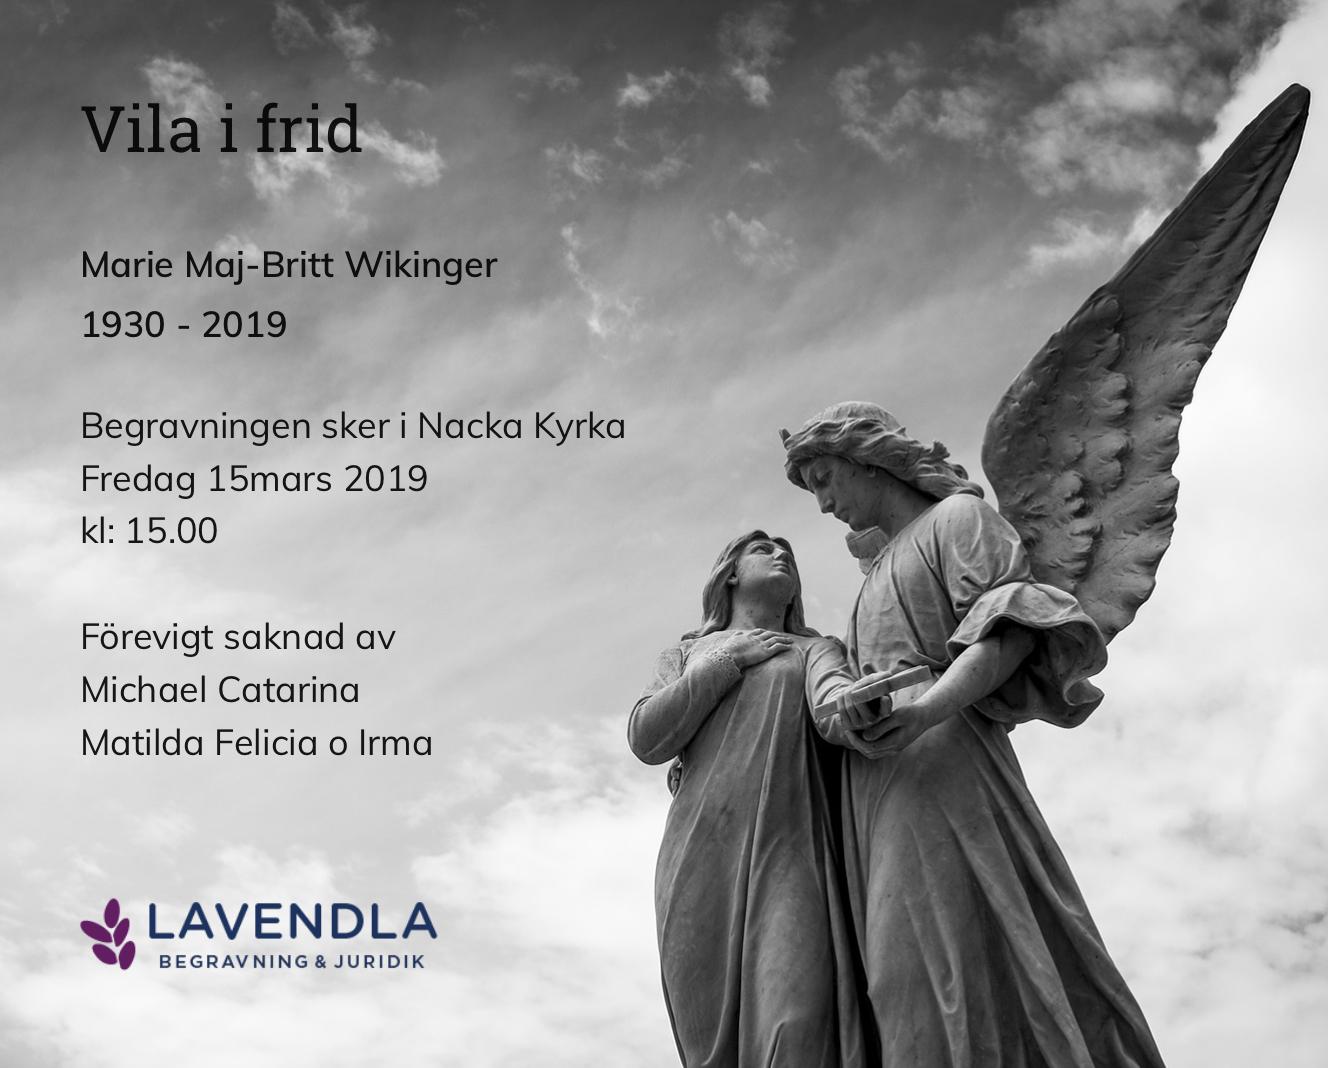 Inbjudningskort till ceremonin för Marie Maj-Britt Wikinger